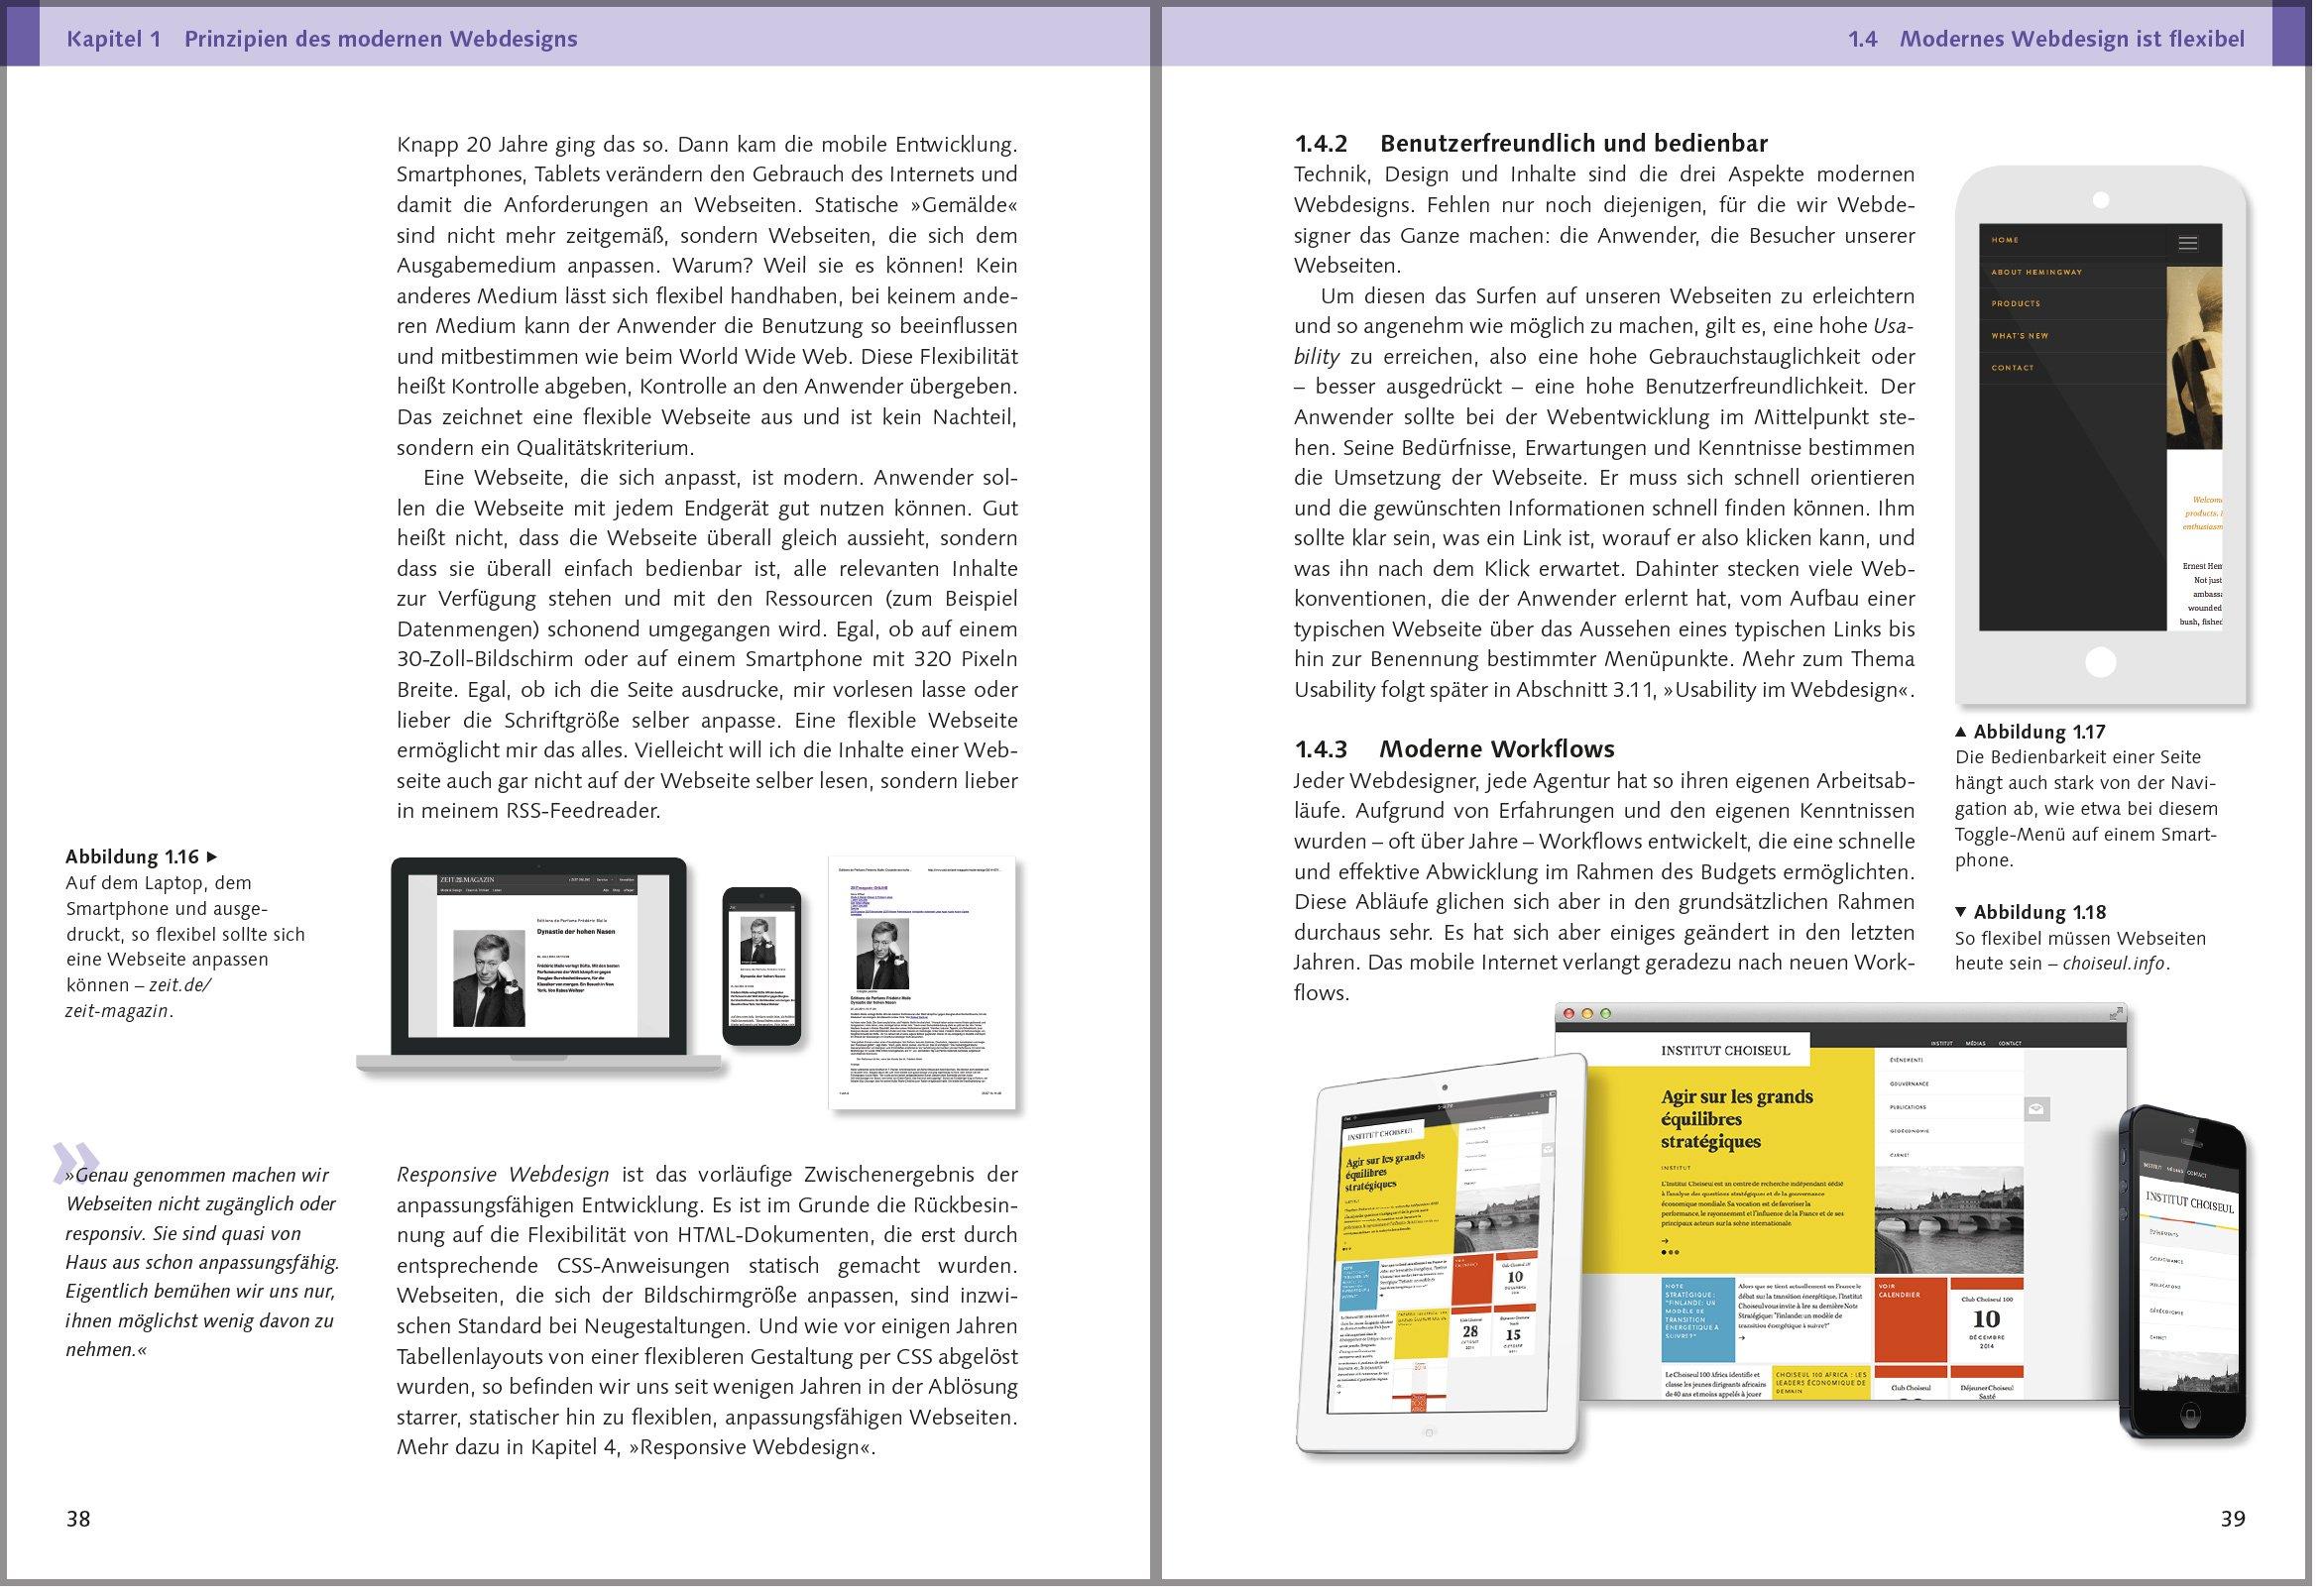 Webdesign: Das Handbuch zur Webgestaltung: Amazon.co.uk: Martin Hahn ...